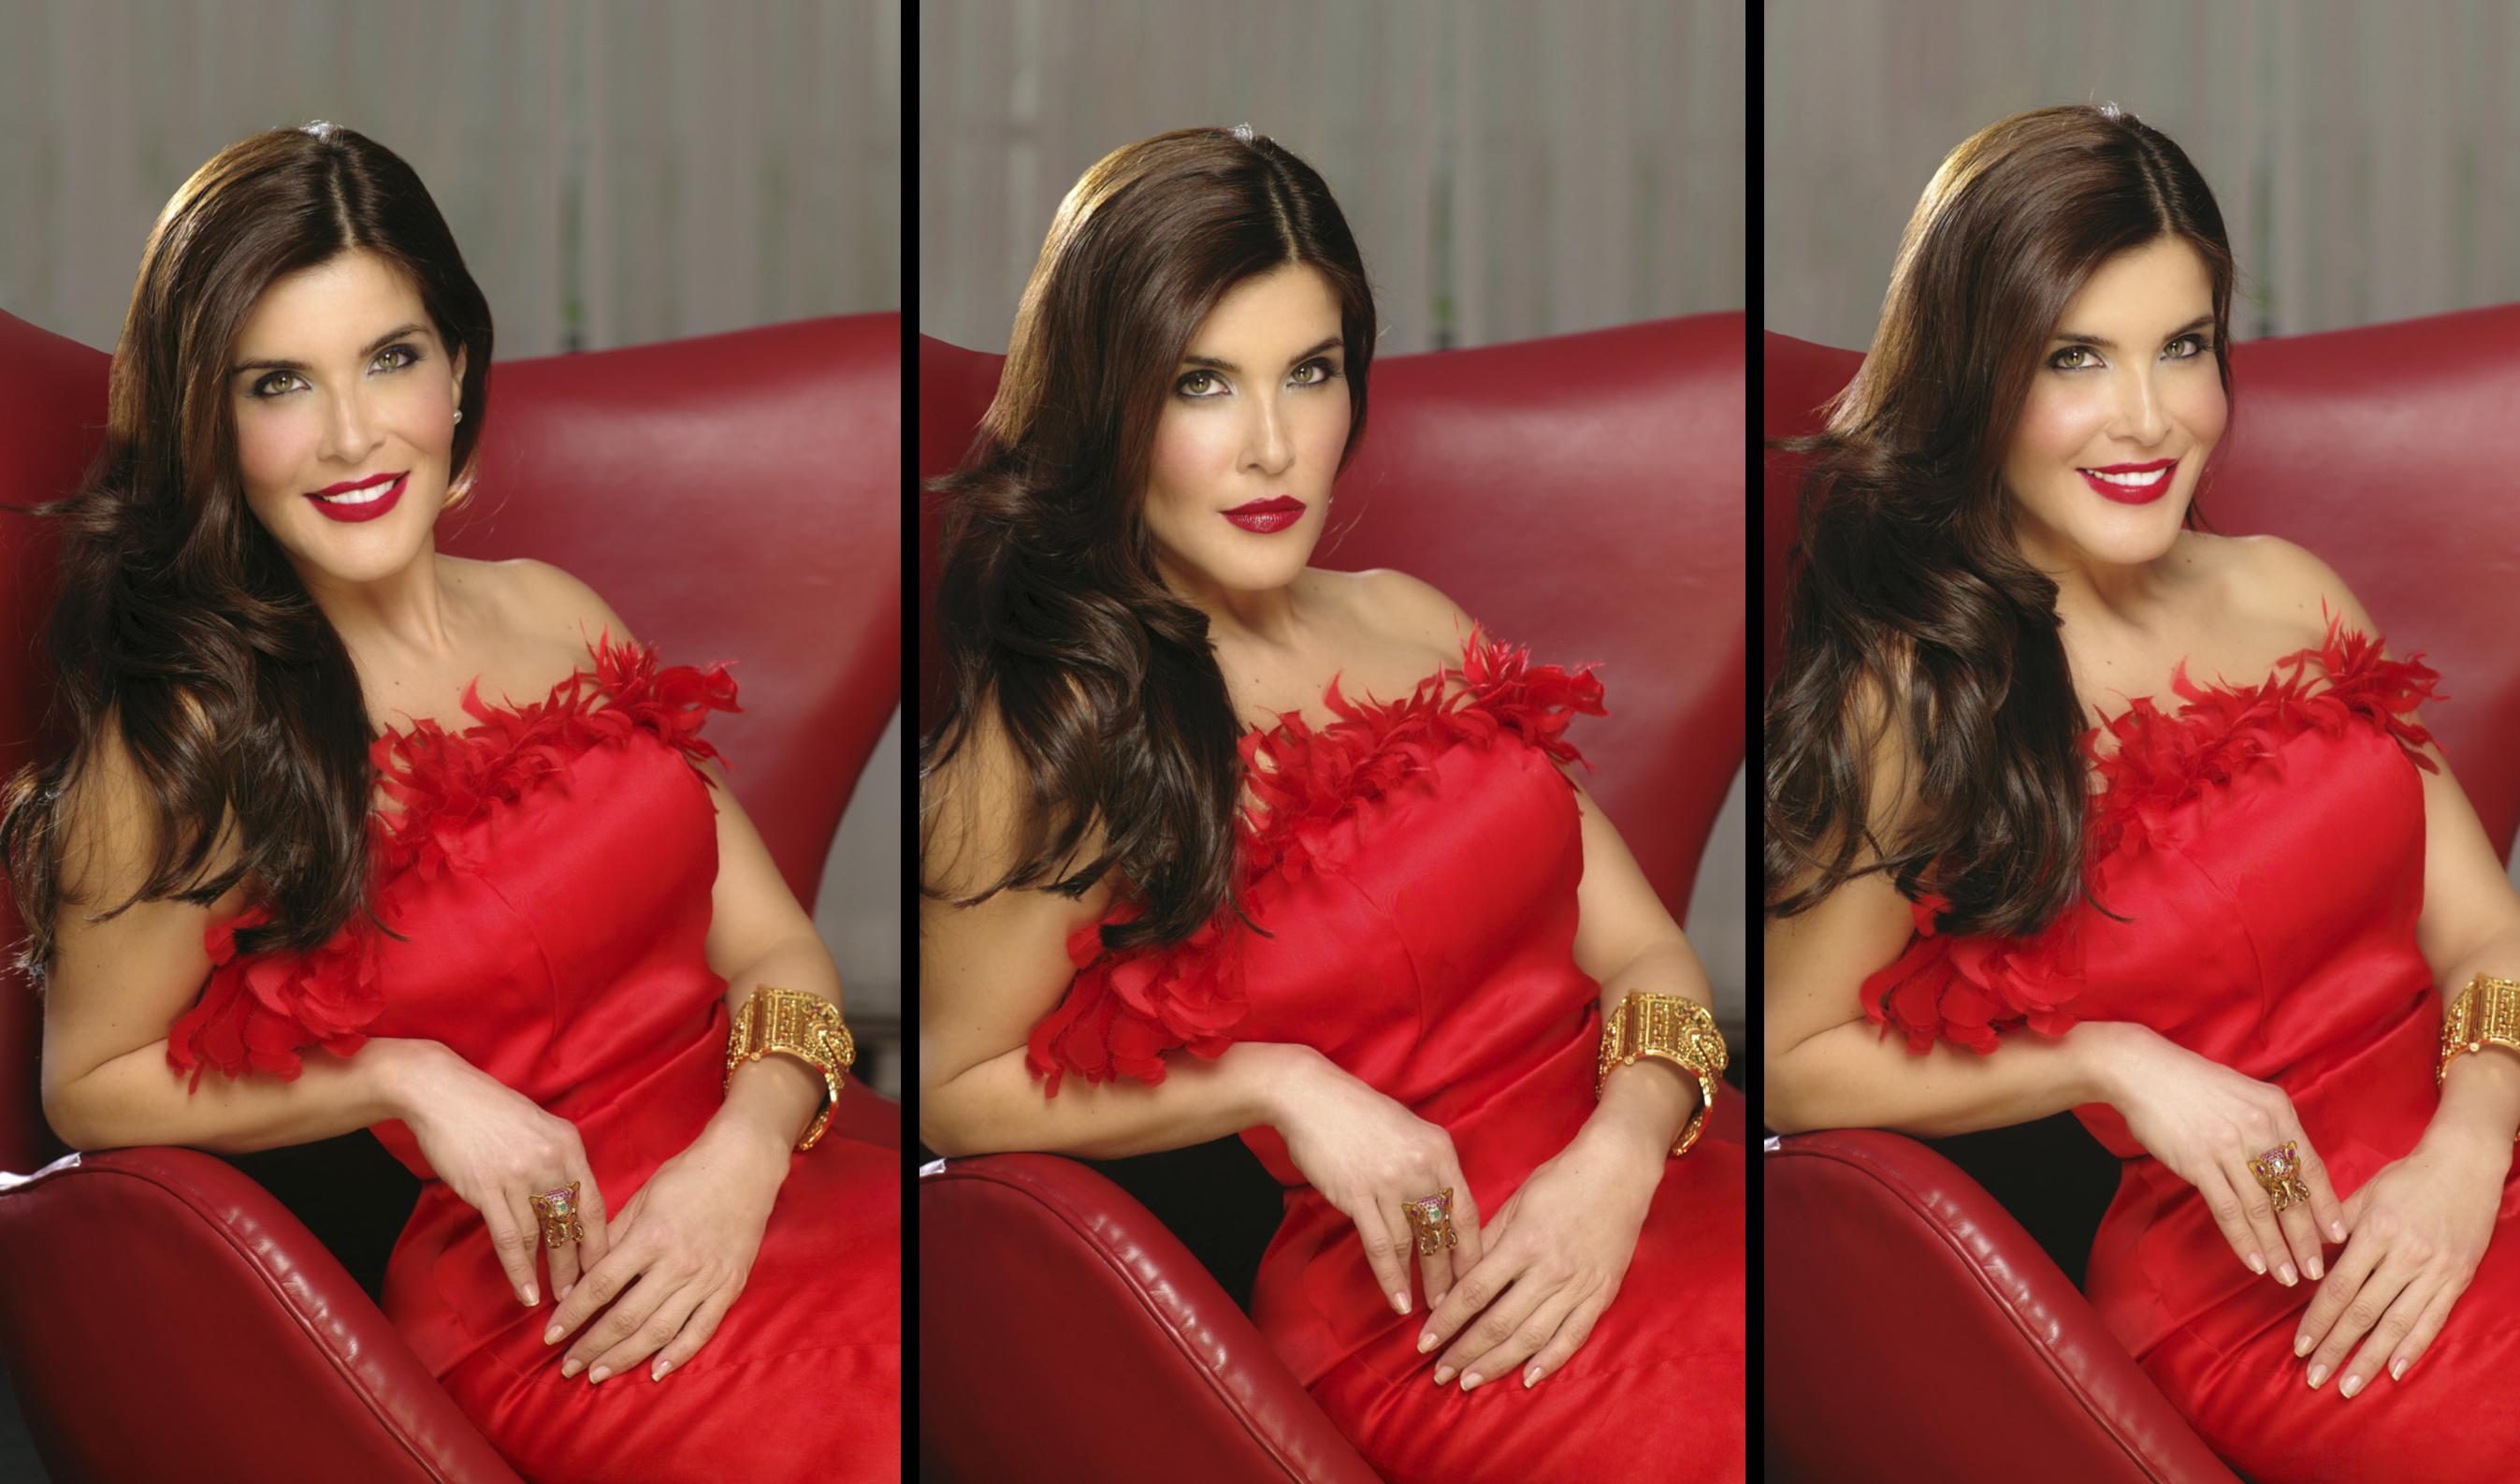 Adriana Catano Adriana Catano new pics